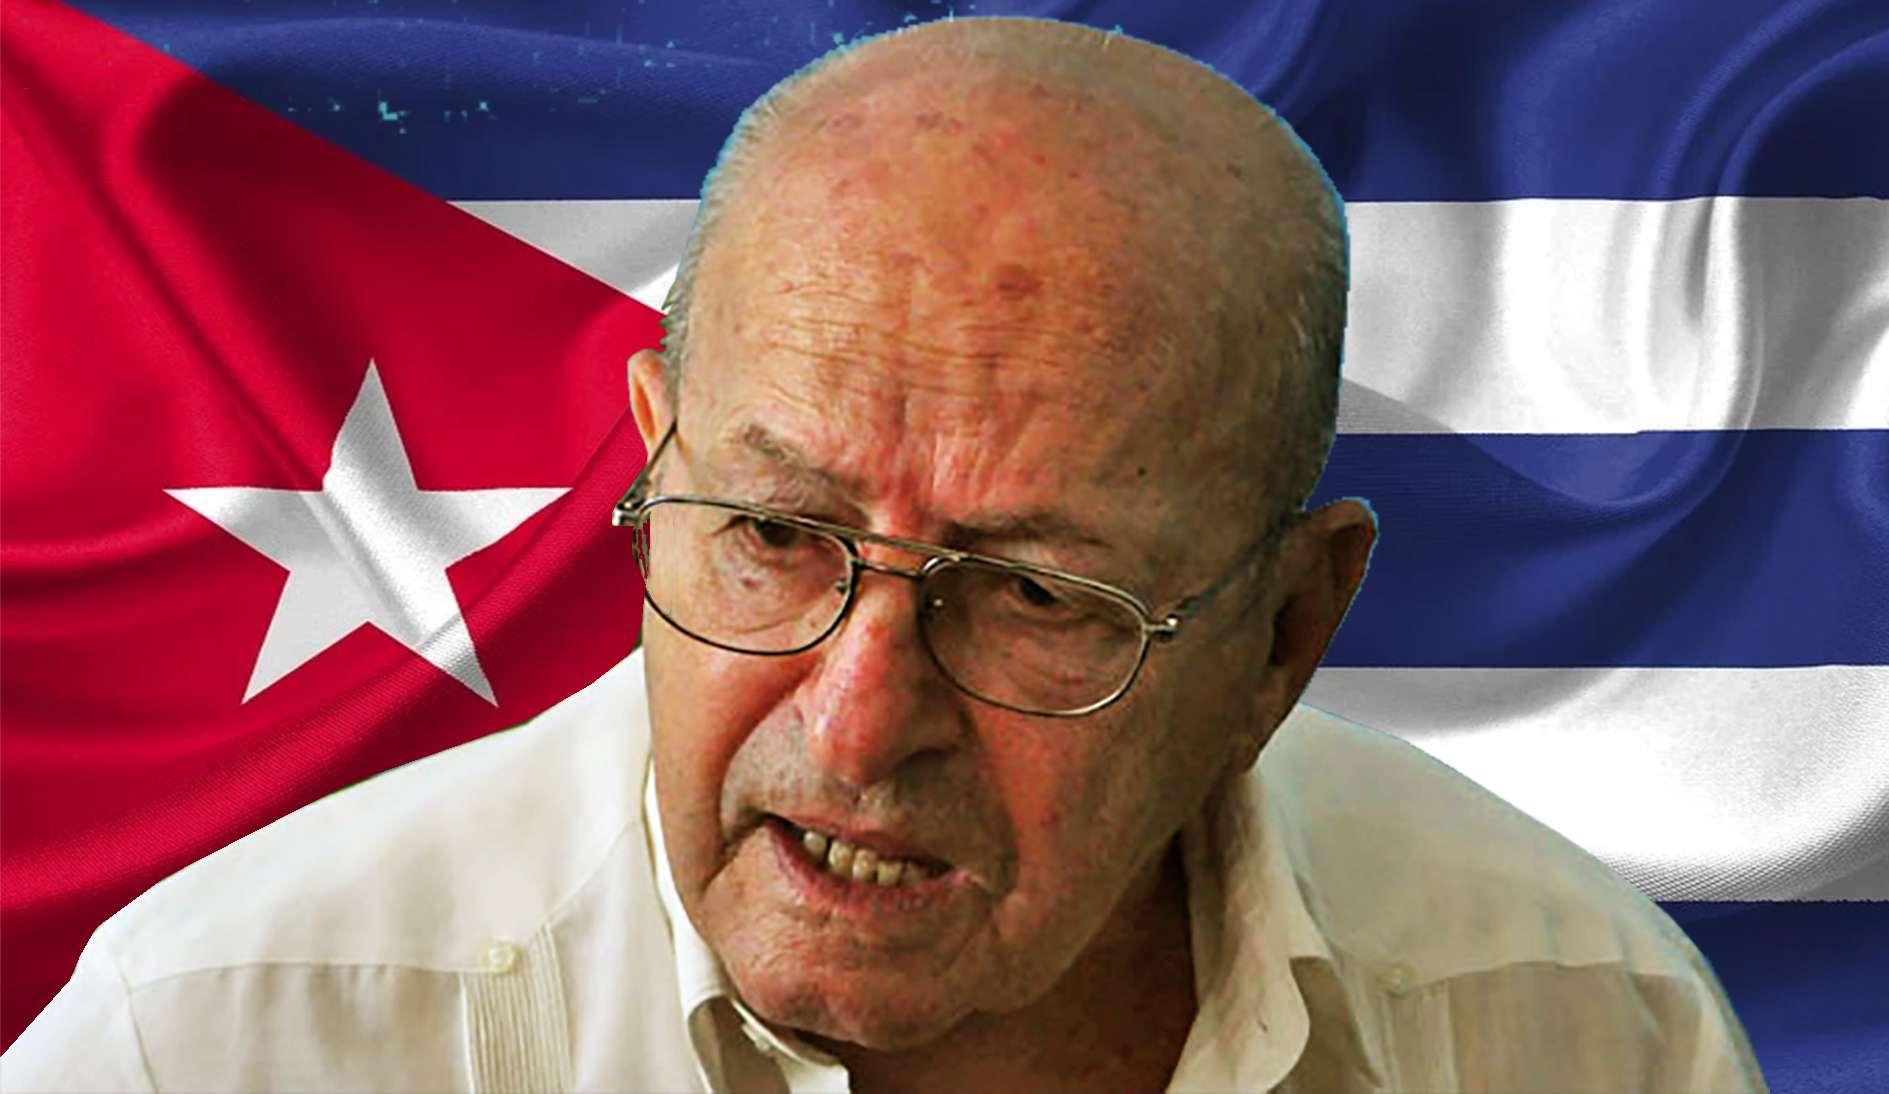 Ramiro Sánchez Domínguez